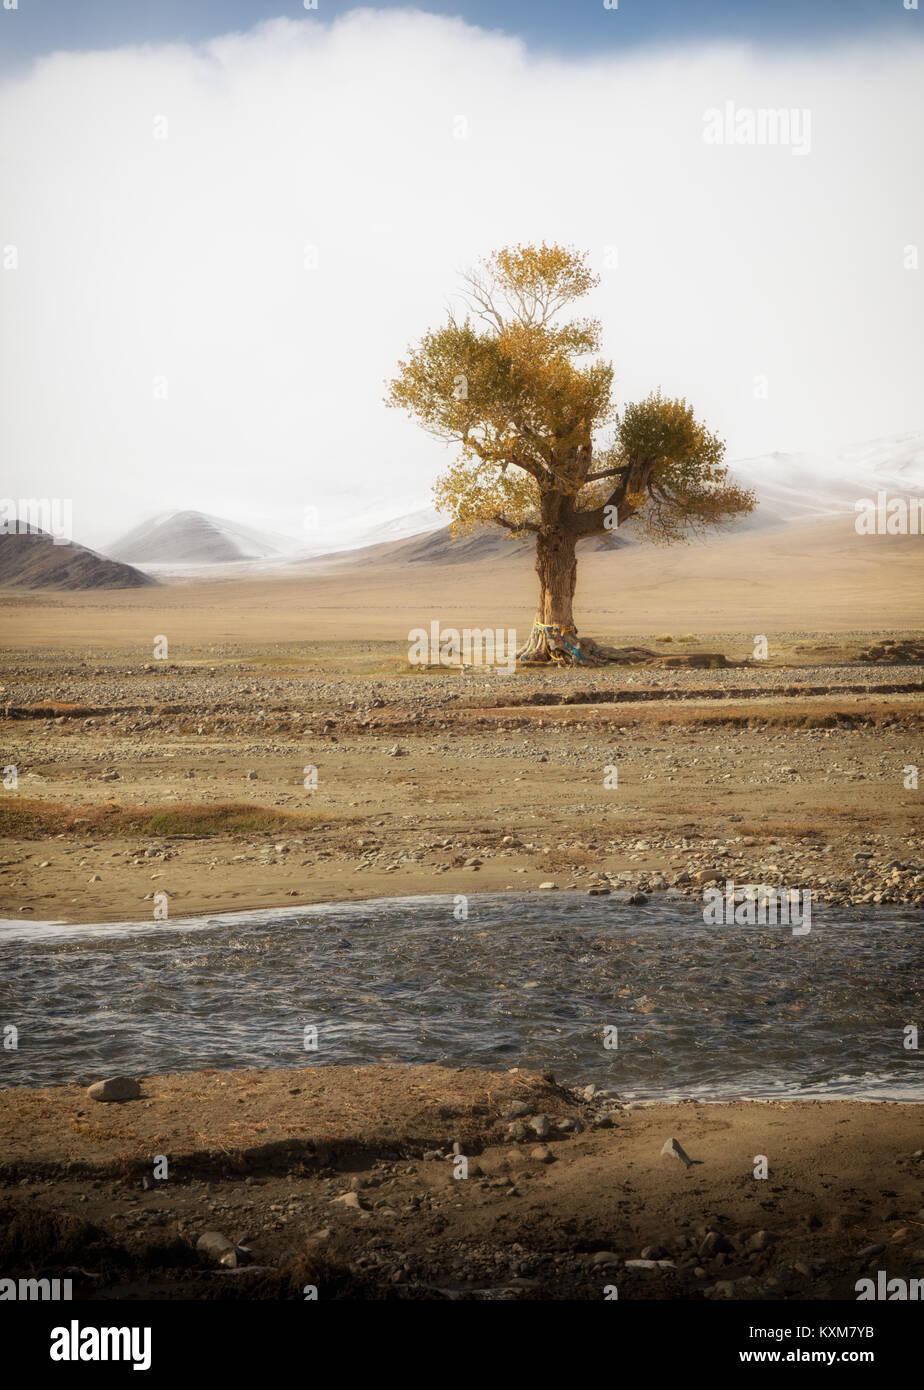 Giallo mongola leafs lonely tree paesaggio montagne innevate neve inverno nuvoloso Mongolia Immagini Stock